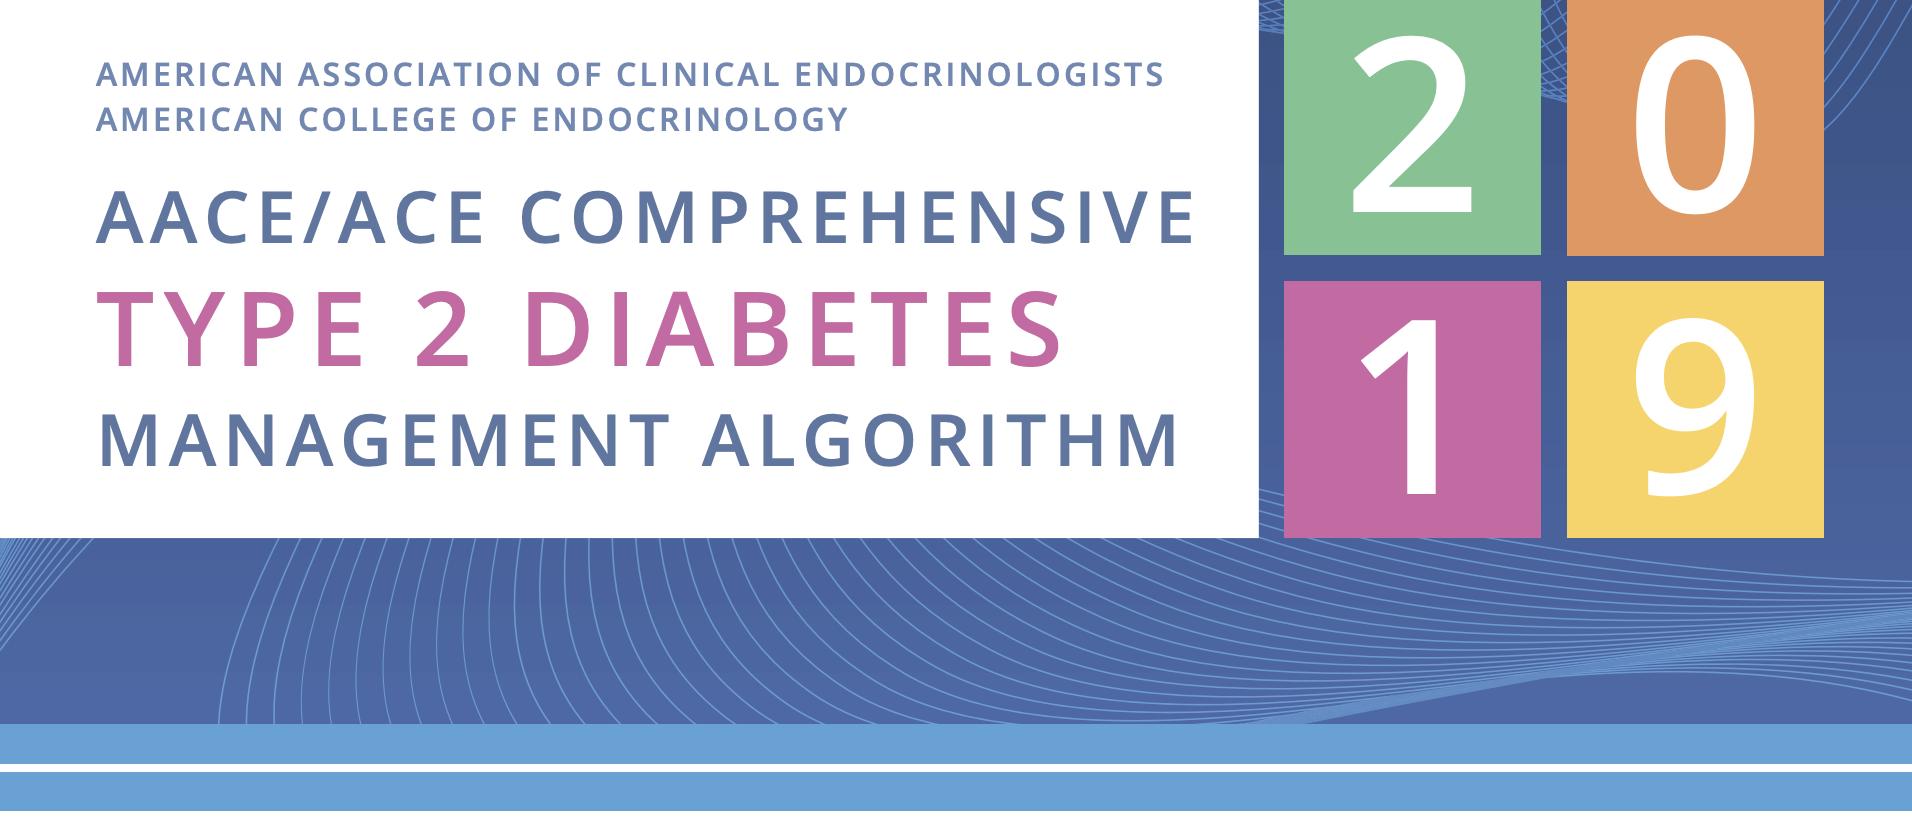 algoritmo aace para el manejo de la diabetes